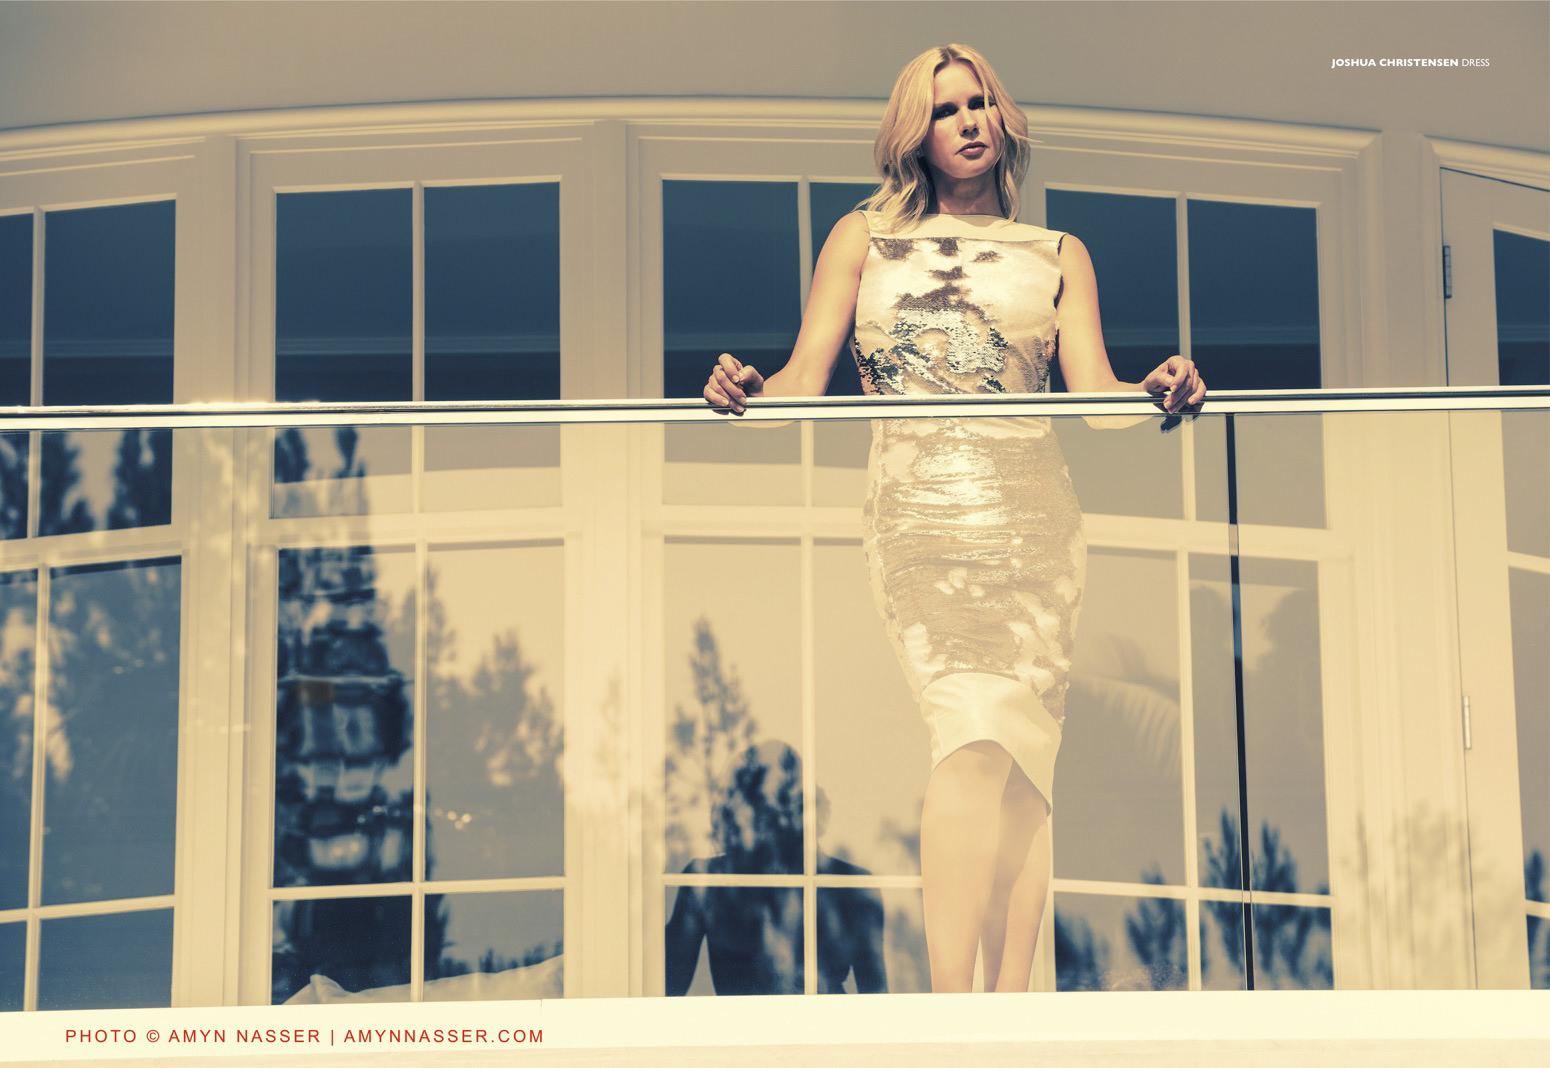 amynNASSERphoto-PIM21-Spring-Prestige-Int-Magazine-20-DP-CLR-1550.jpg